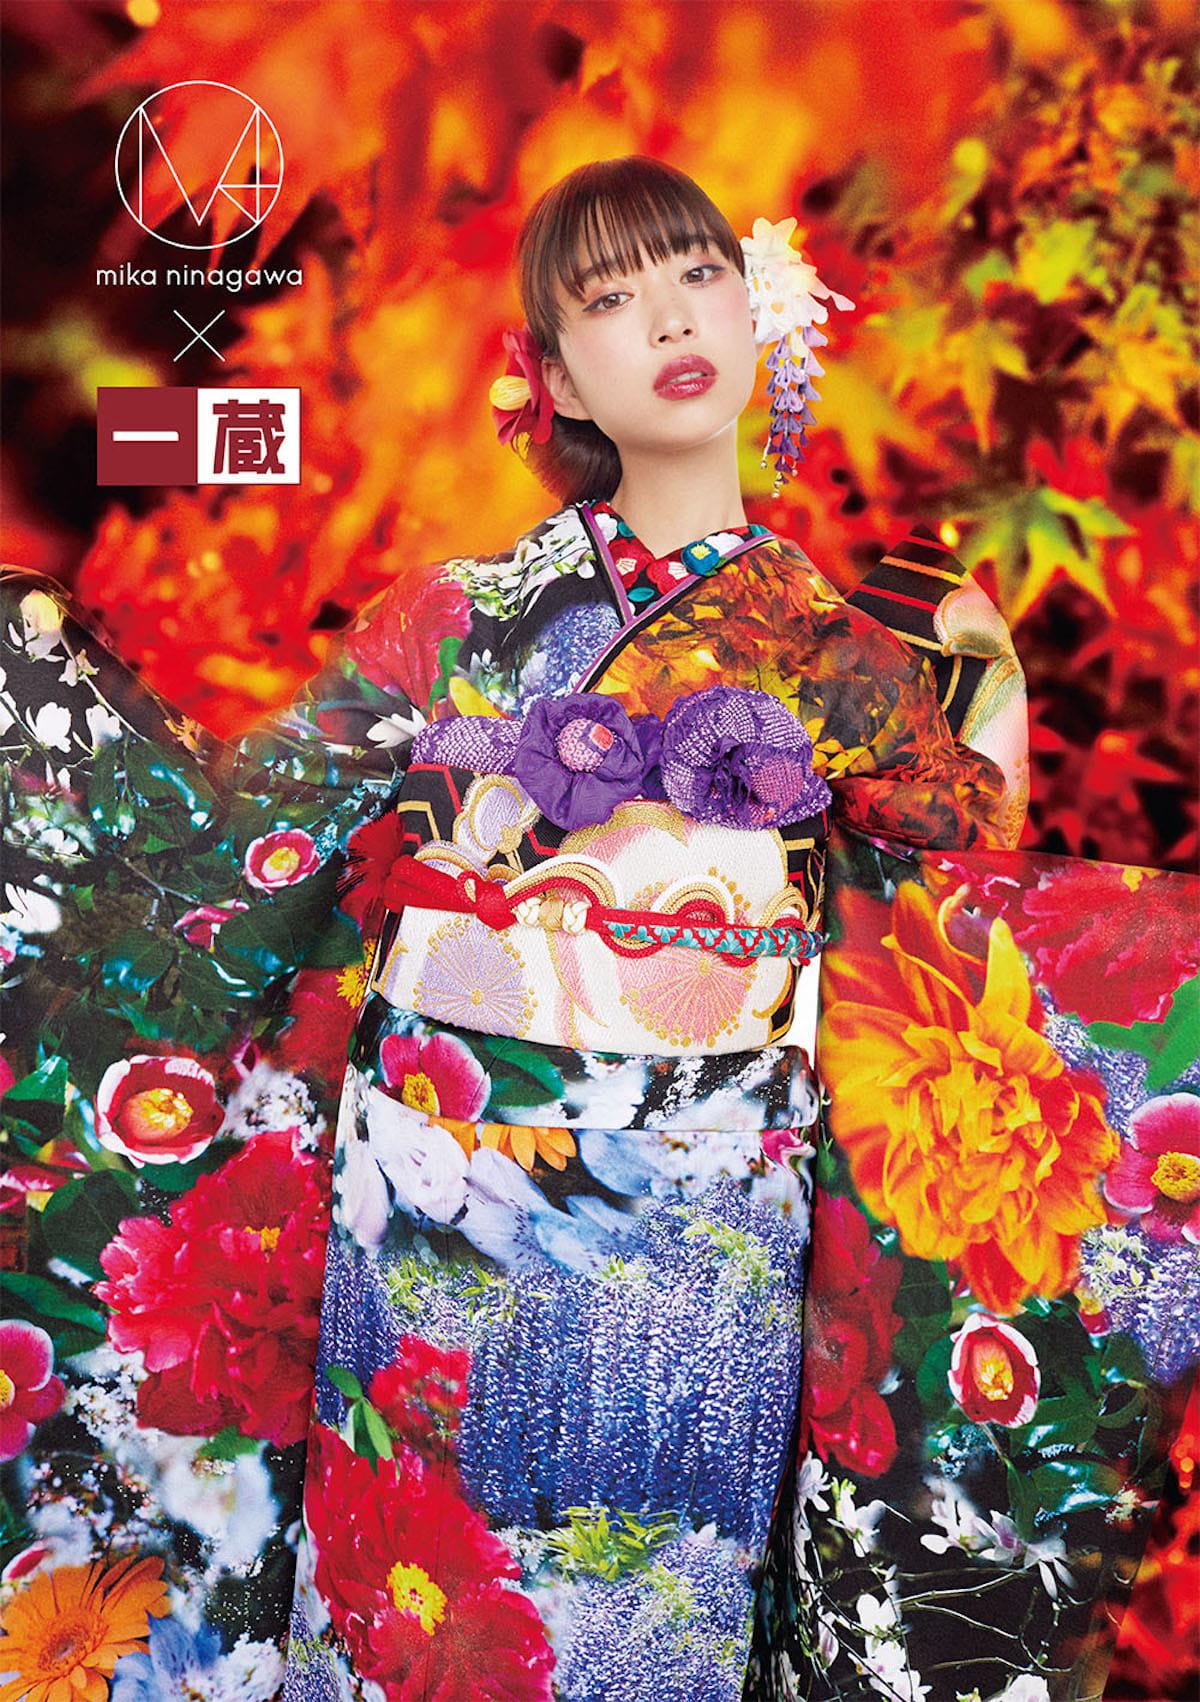 蜷川実花による色彩豊かすぎる振袖を森川葵が着用!ビビットなビジュアル公開 fashion180531_mika-ninagawa_8-1200x1702